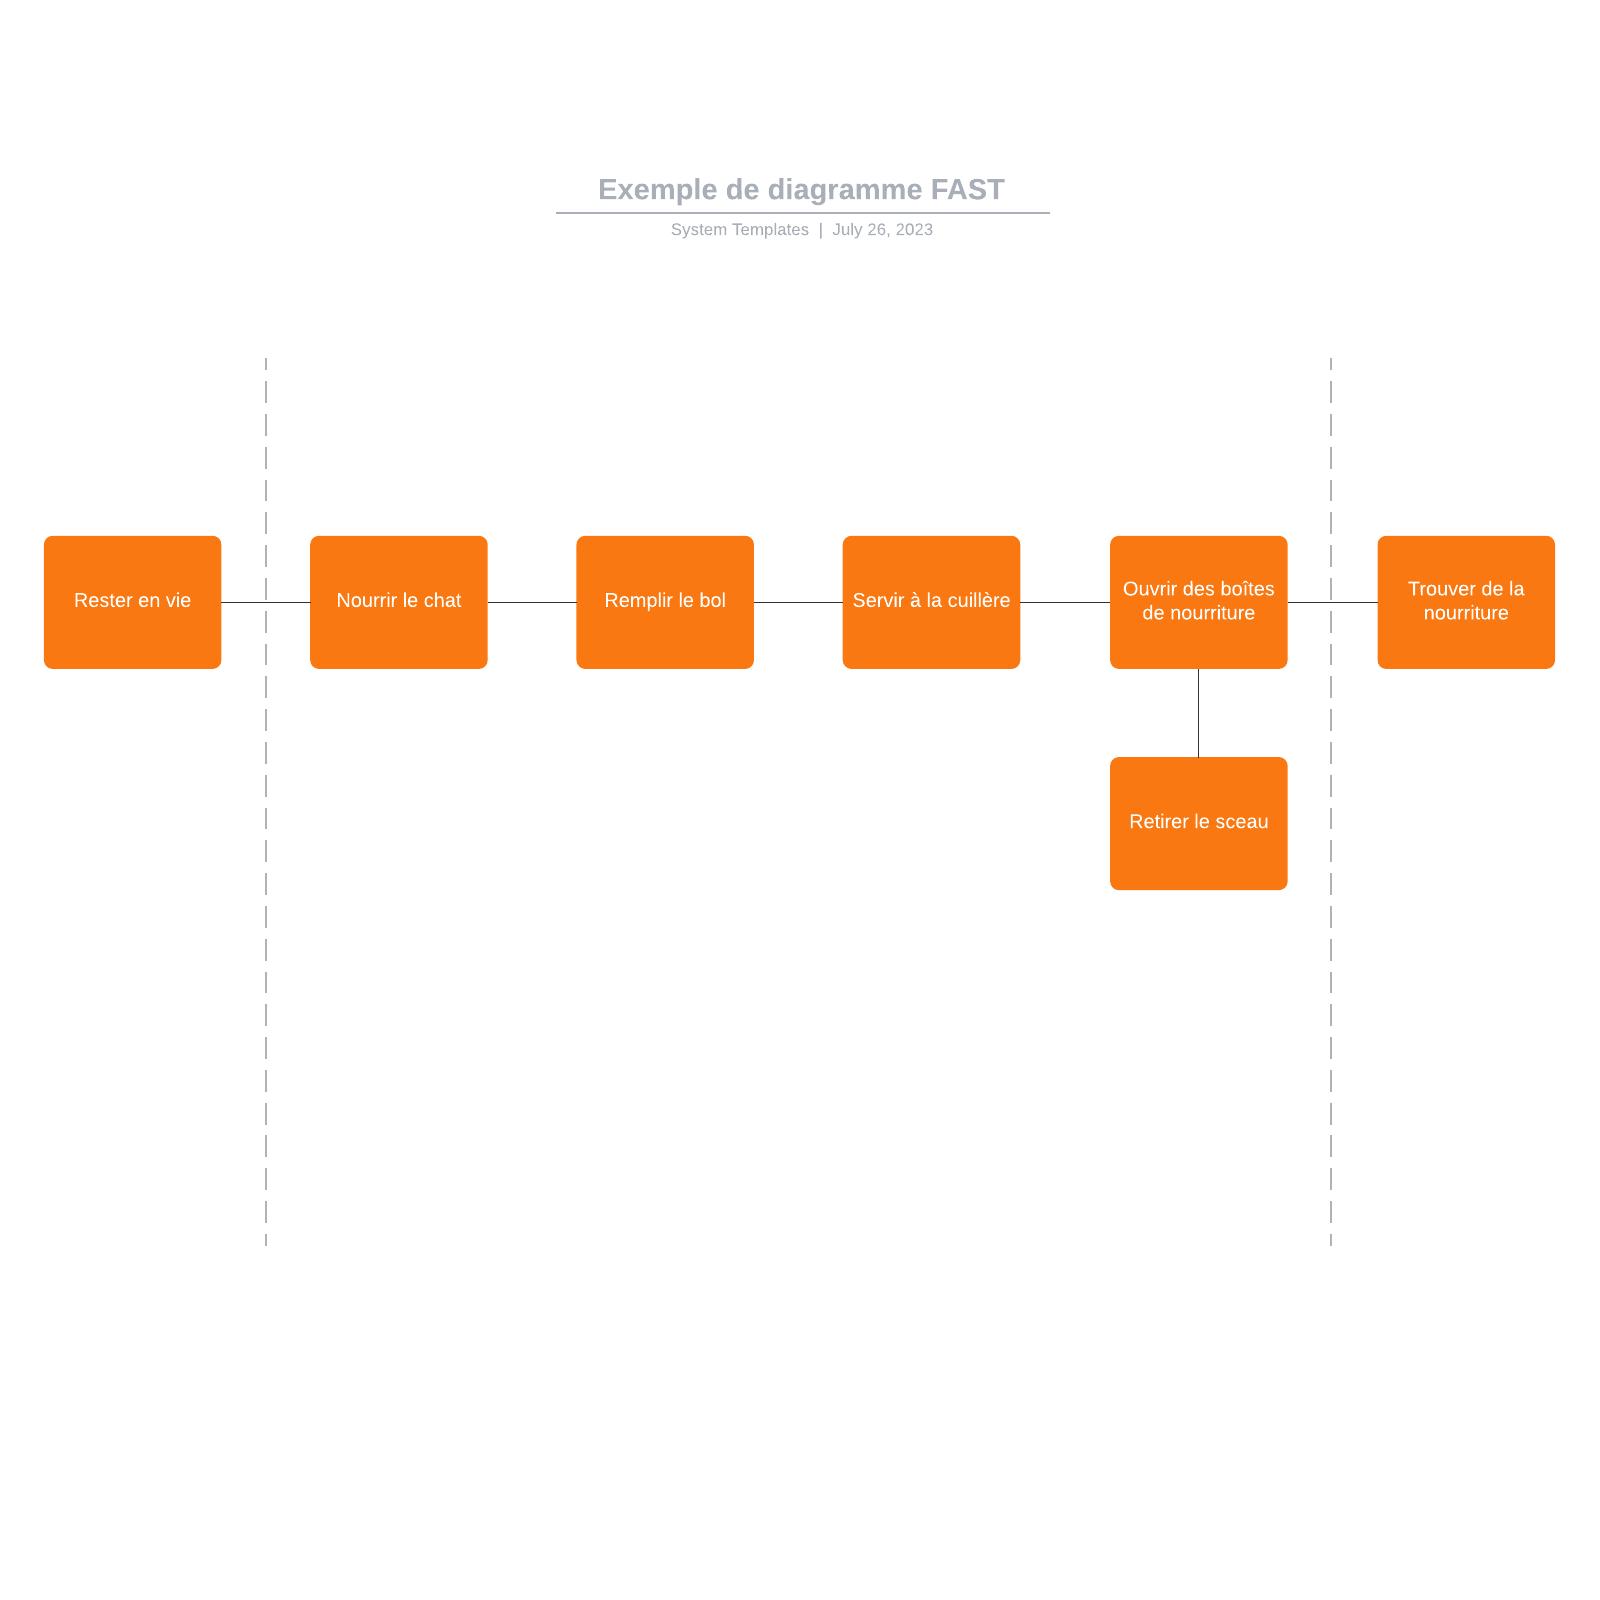 exemple de diagramme FAST